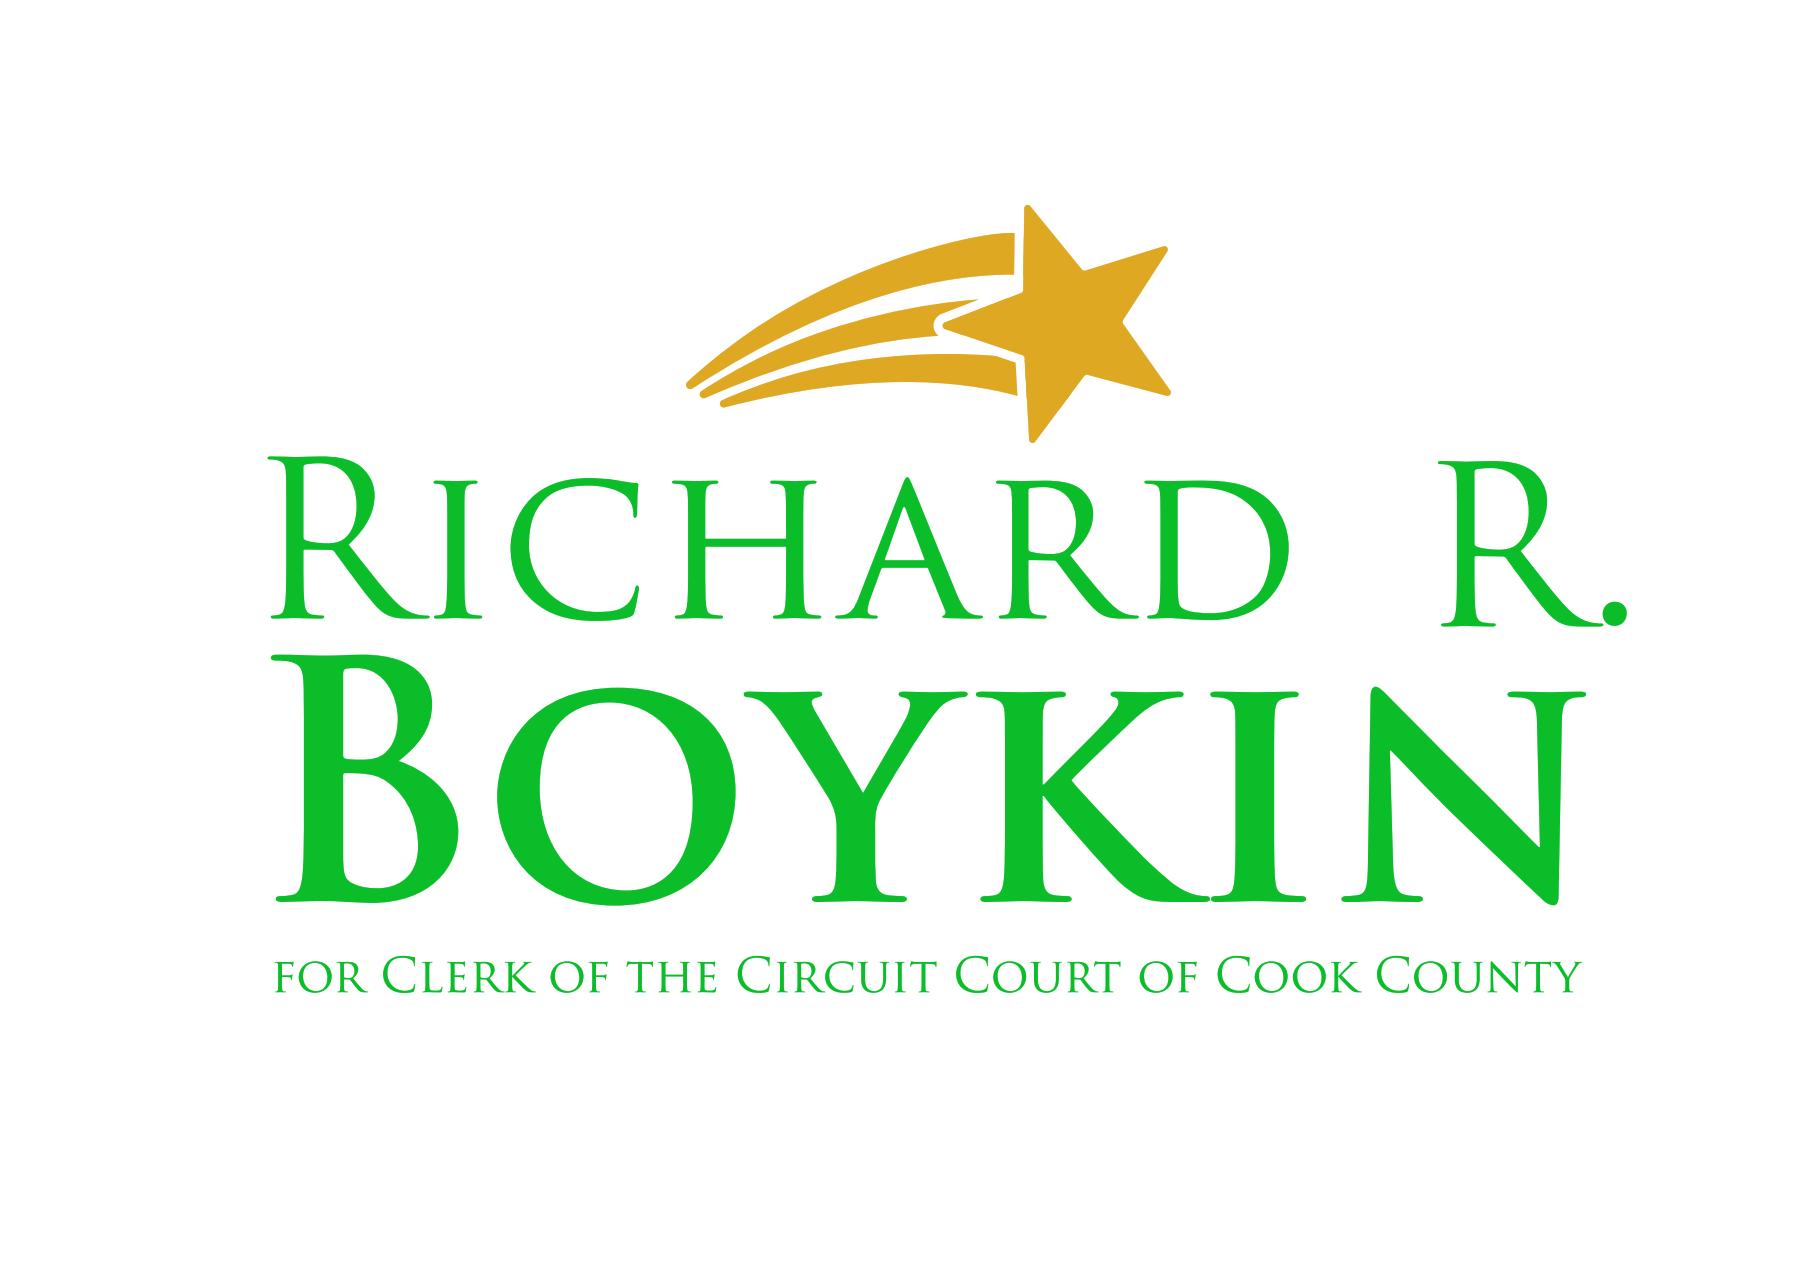 Richard Boykin